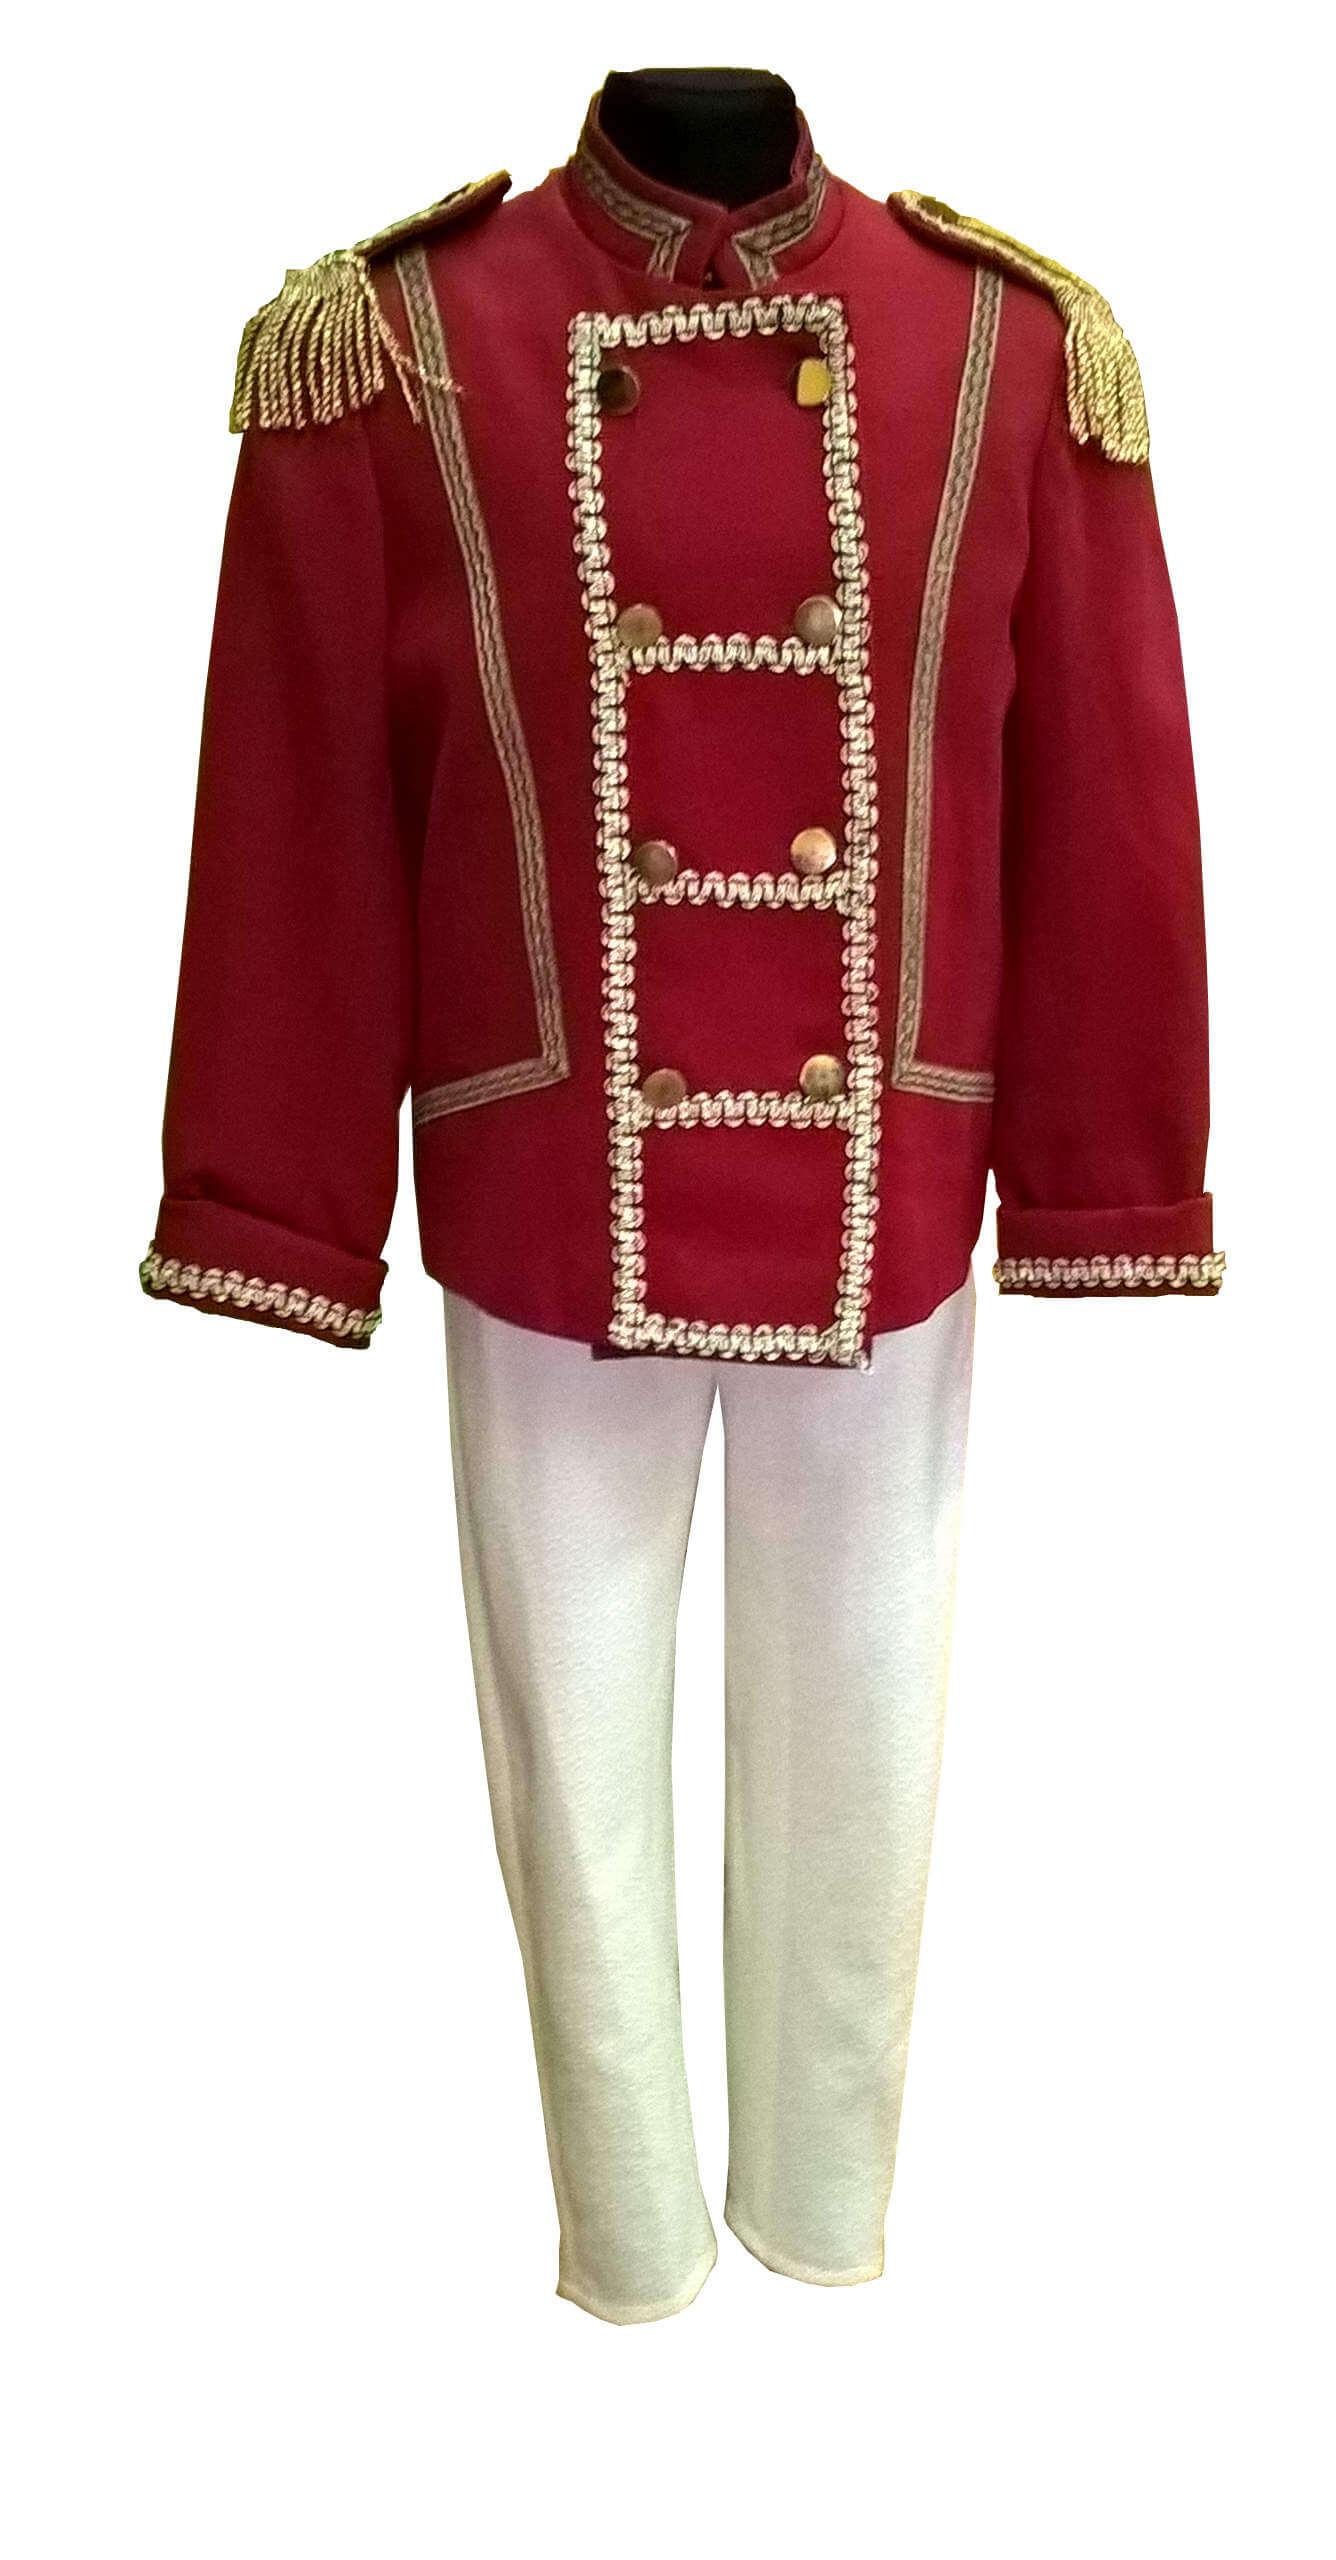 Kareivėlio kostiumas. Princo kostiumas. Alavinio kareivėlio kostiumas. spragtukas. Karnavalinių kostiumų nuoma Vilniuje - pasakunamai.lt